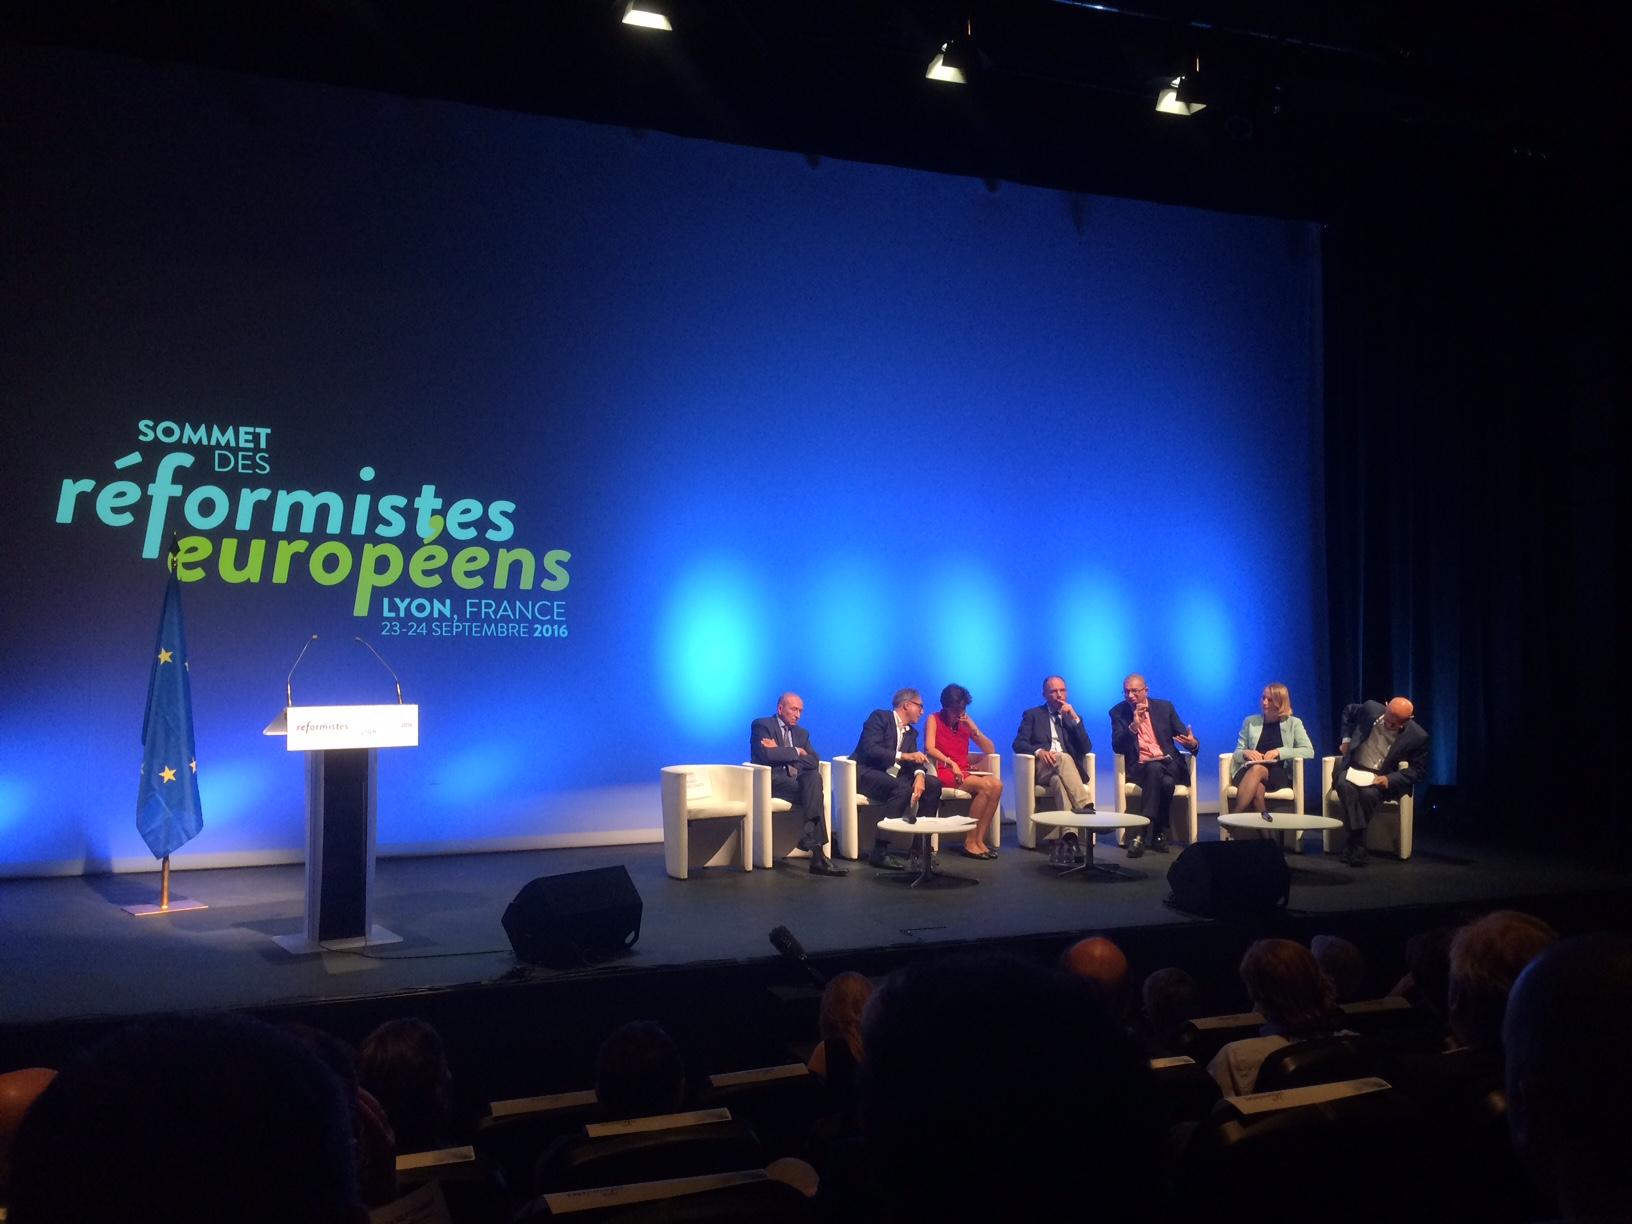 Sommet des réformistes européens